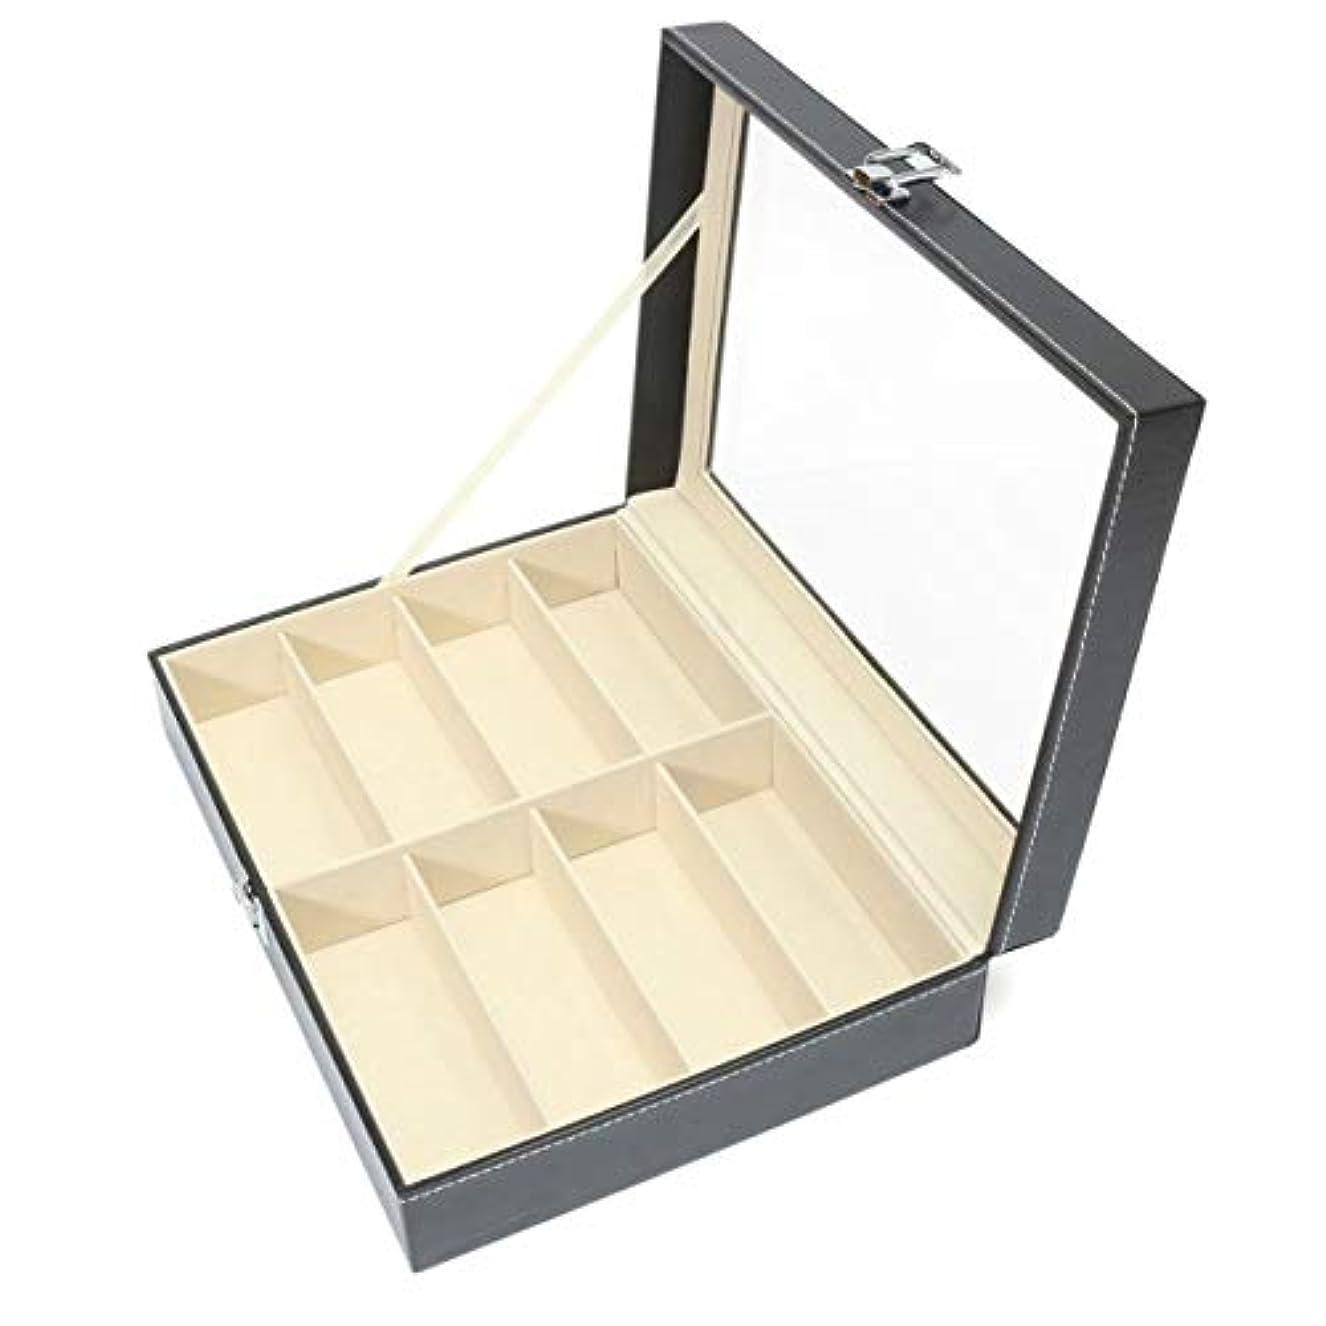 価値のない瞑想する気楽なSaikogoods 実用的なデザイン8グリッドサングラスの収納ケース高級PUレザーメンズ?レディース?サングラスショップ表示ボックスケース 黒